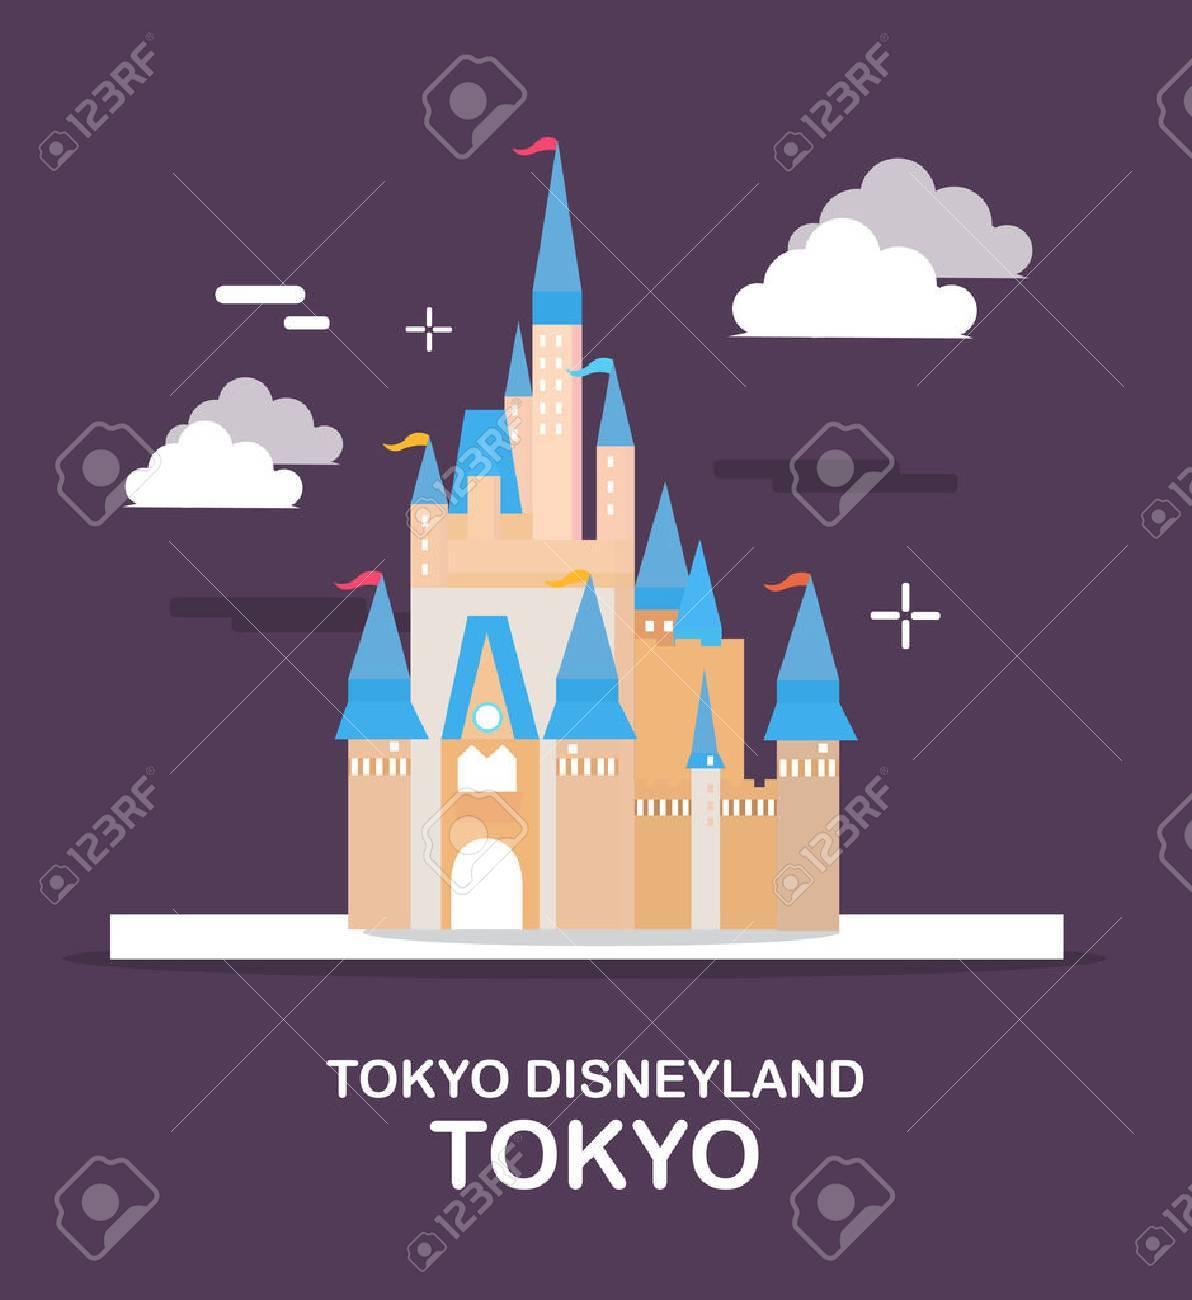 東京ディズニーランドは日本イラスト デザインの一大アミューズメント